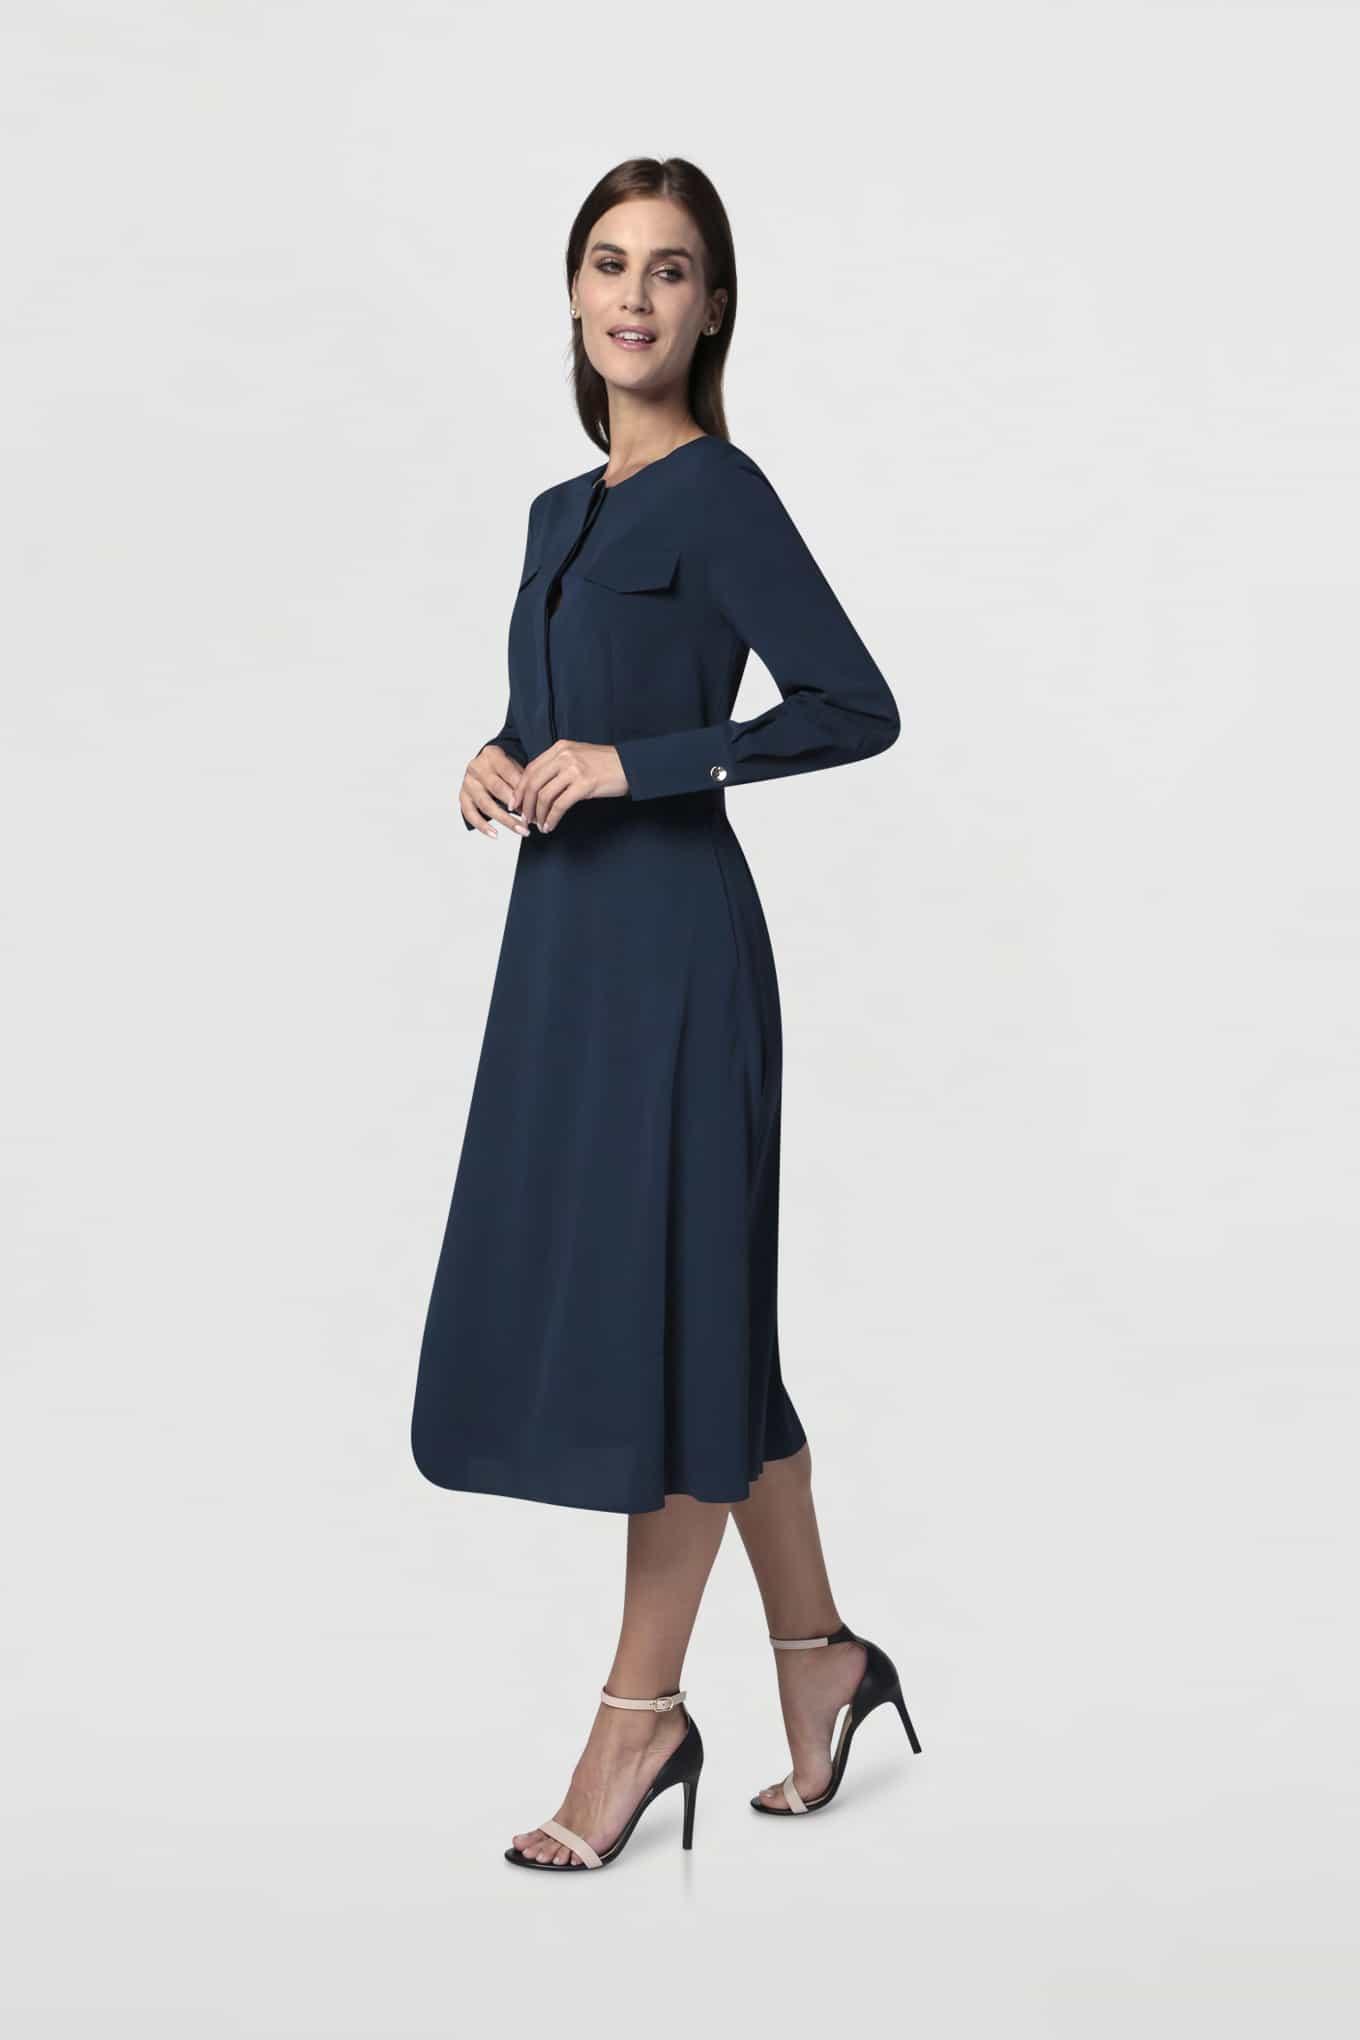 Vestido Azul Escuro Fantasy Mulher